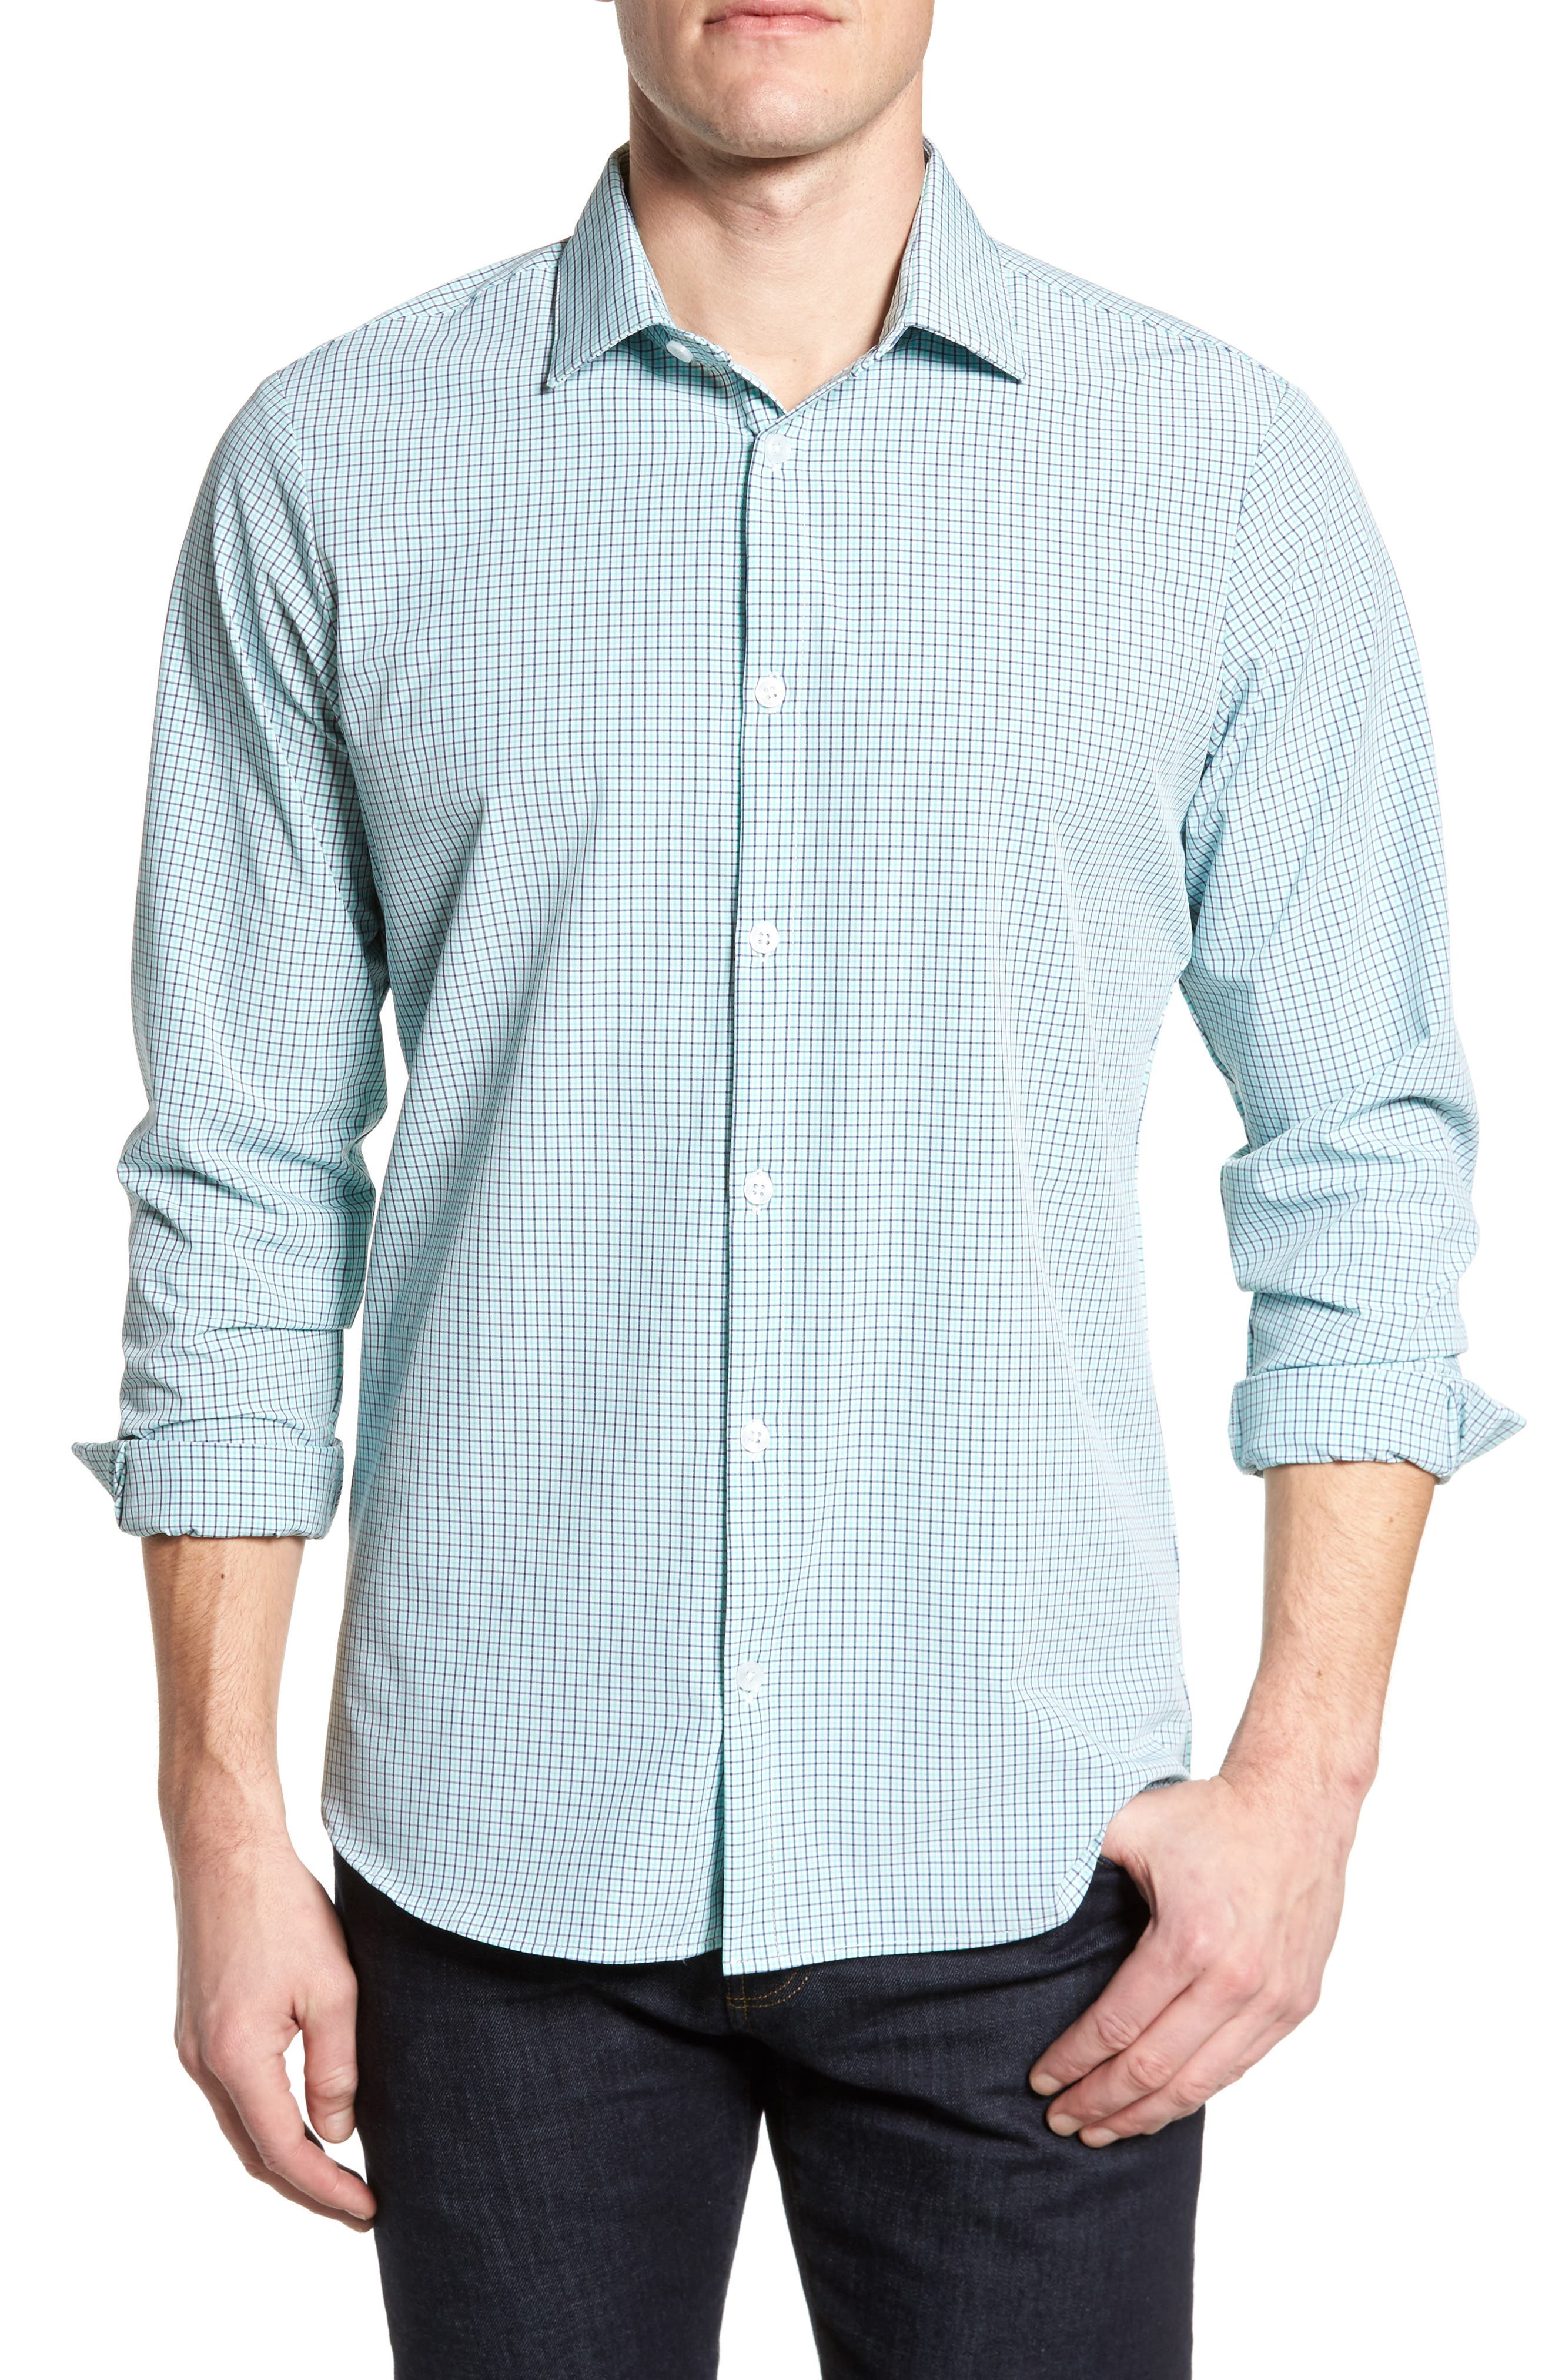 Ventura Check Sport Shirt,                         Main,                         color, 377